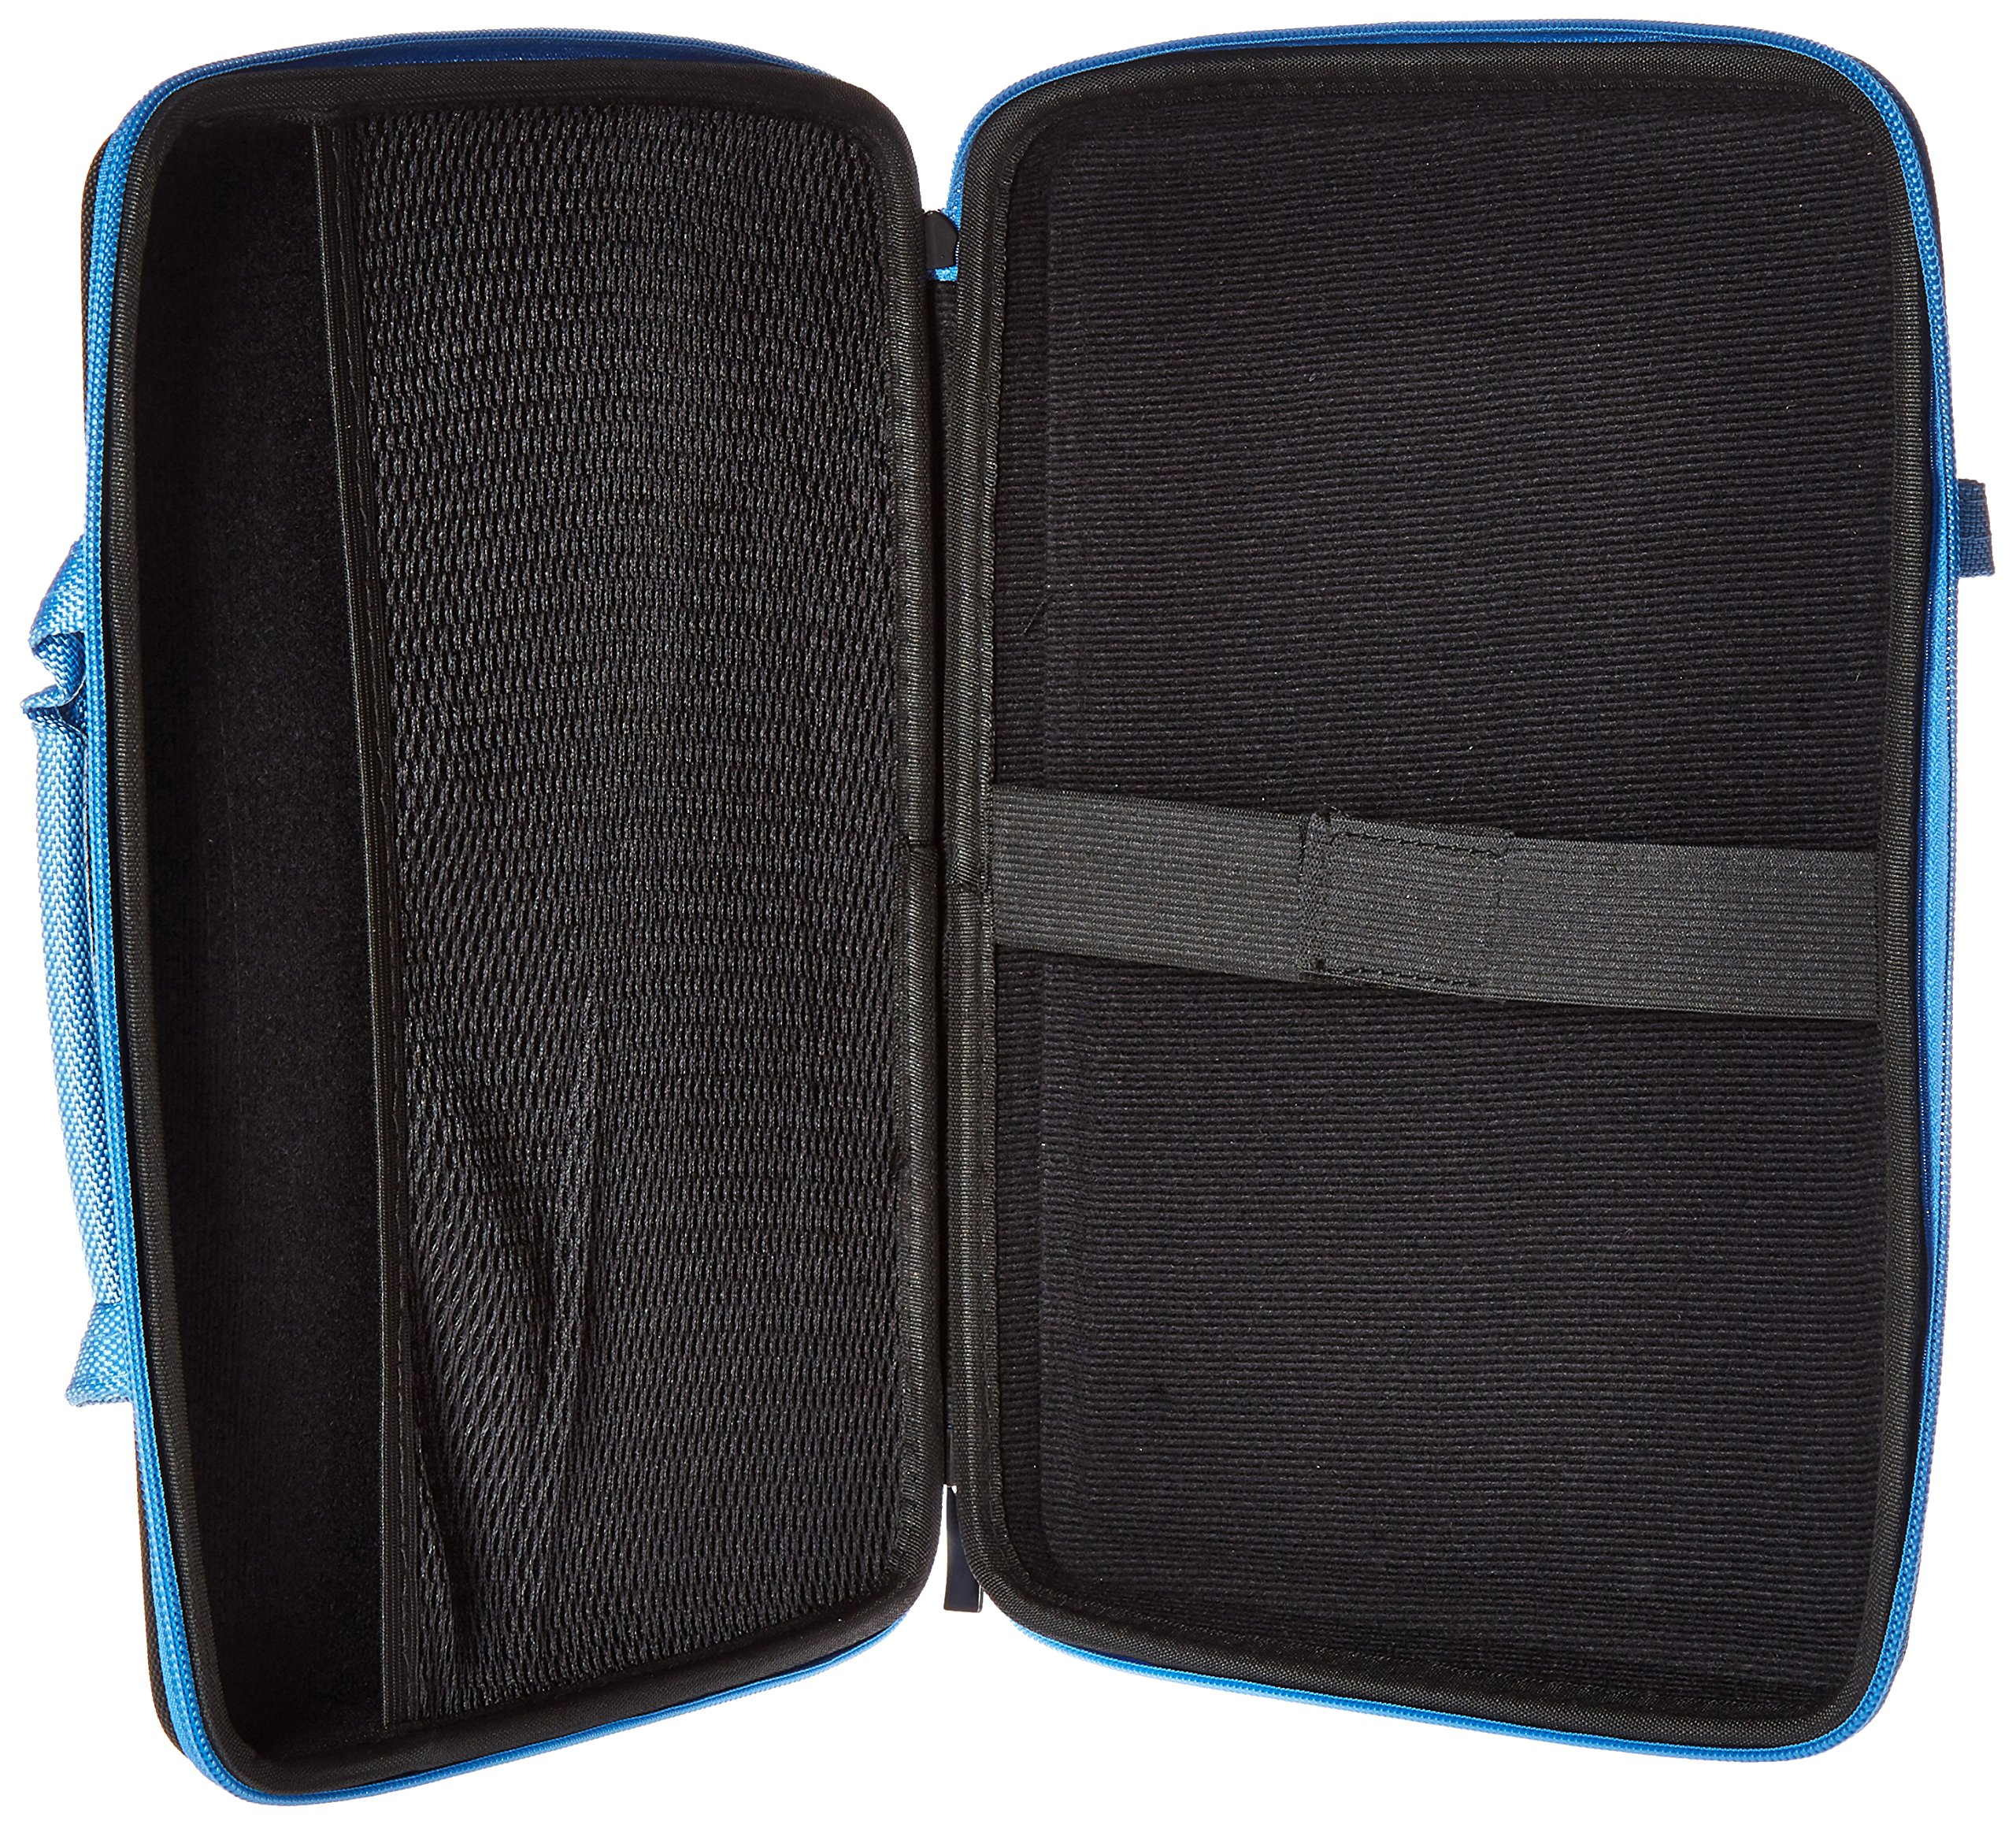 I Love NY Sleek Netbook Case, Black/Blue (ILNLAP1160KB) by I Love NY (Image #3)